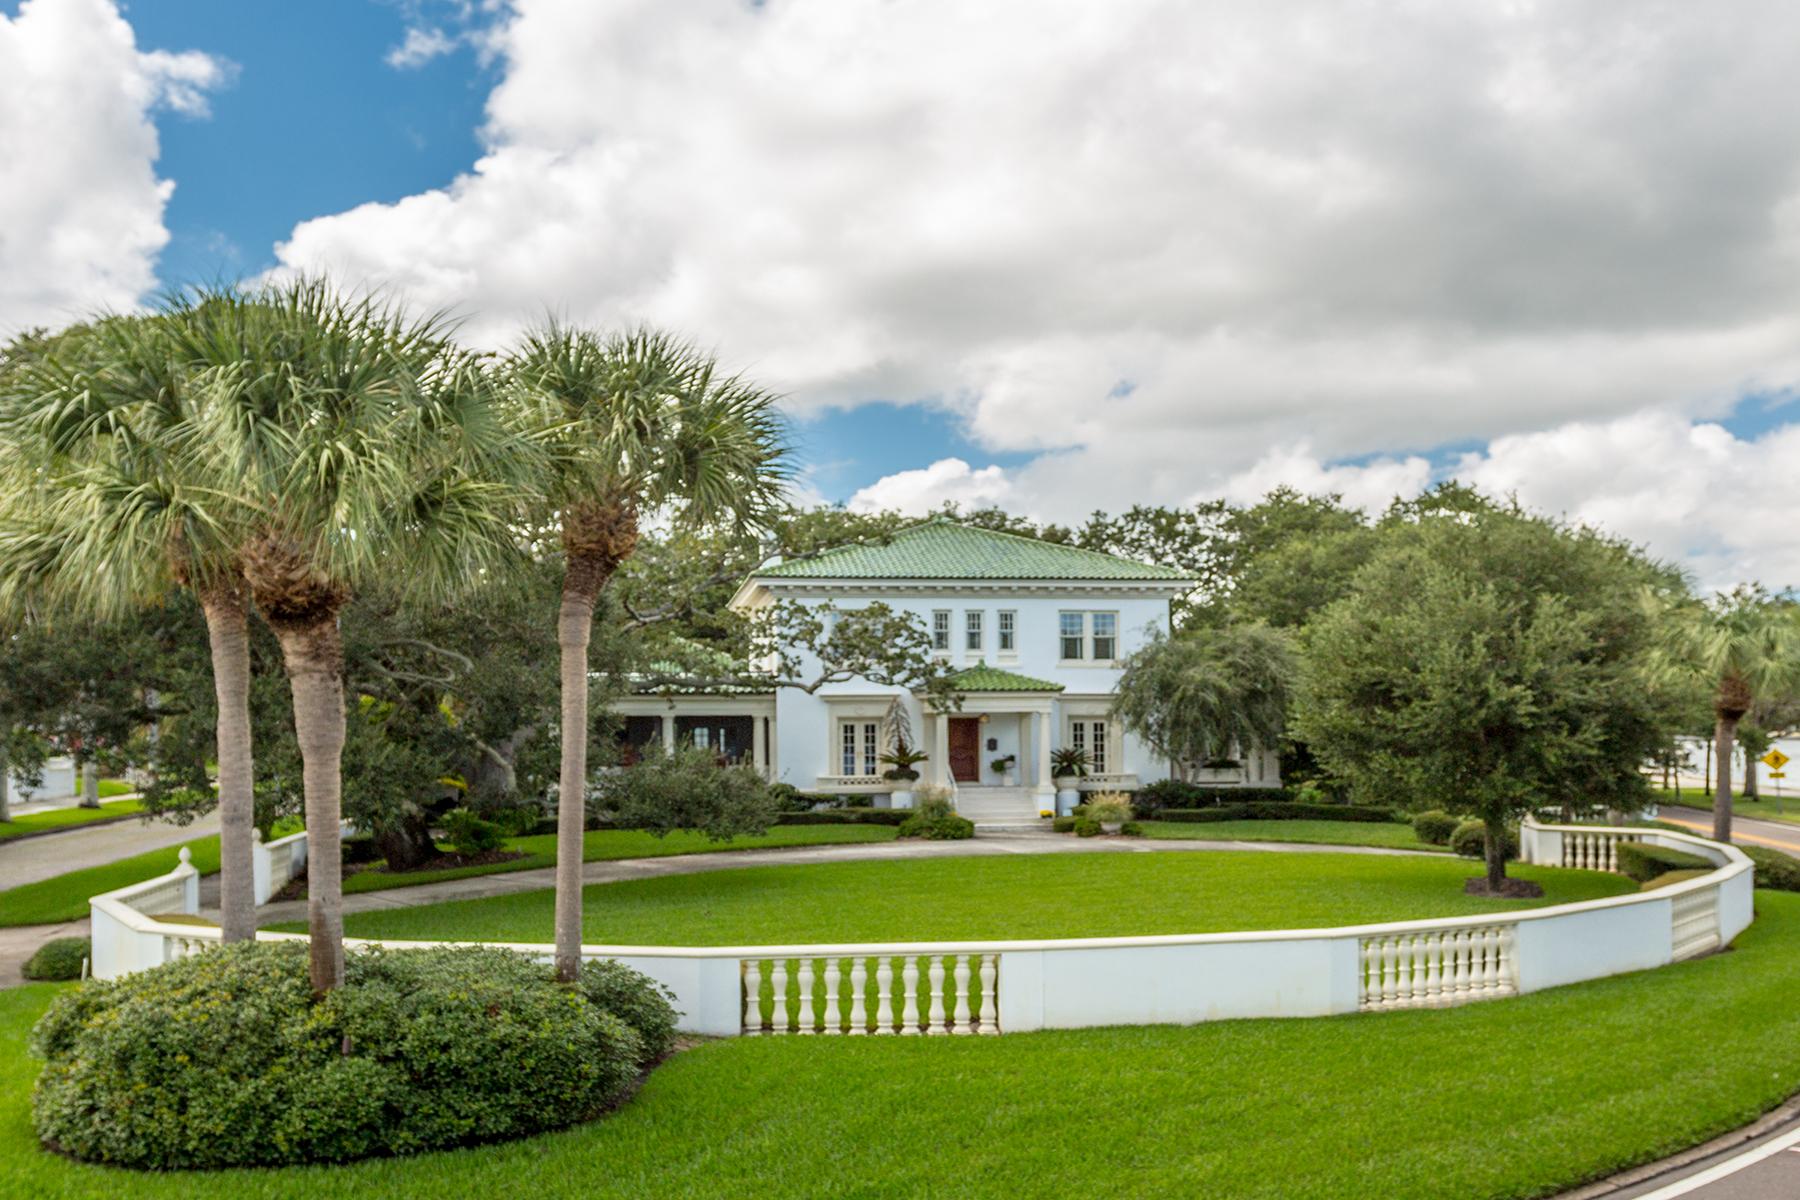 단독 가정 주택 용 매매 에 ST. PETERSBURG 1800 Northshore Dr NE St. Petersburg, 플로리다, 33704 미국